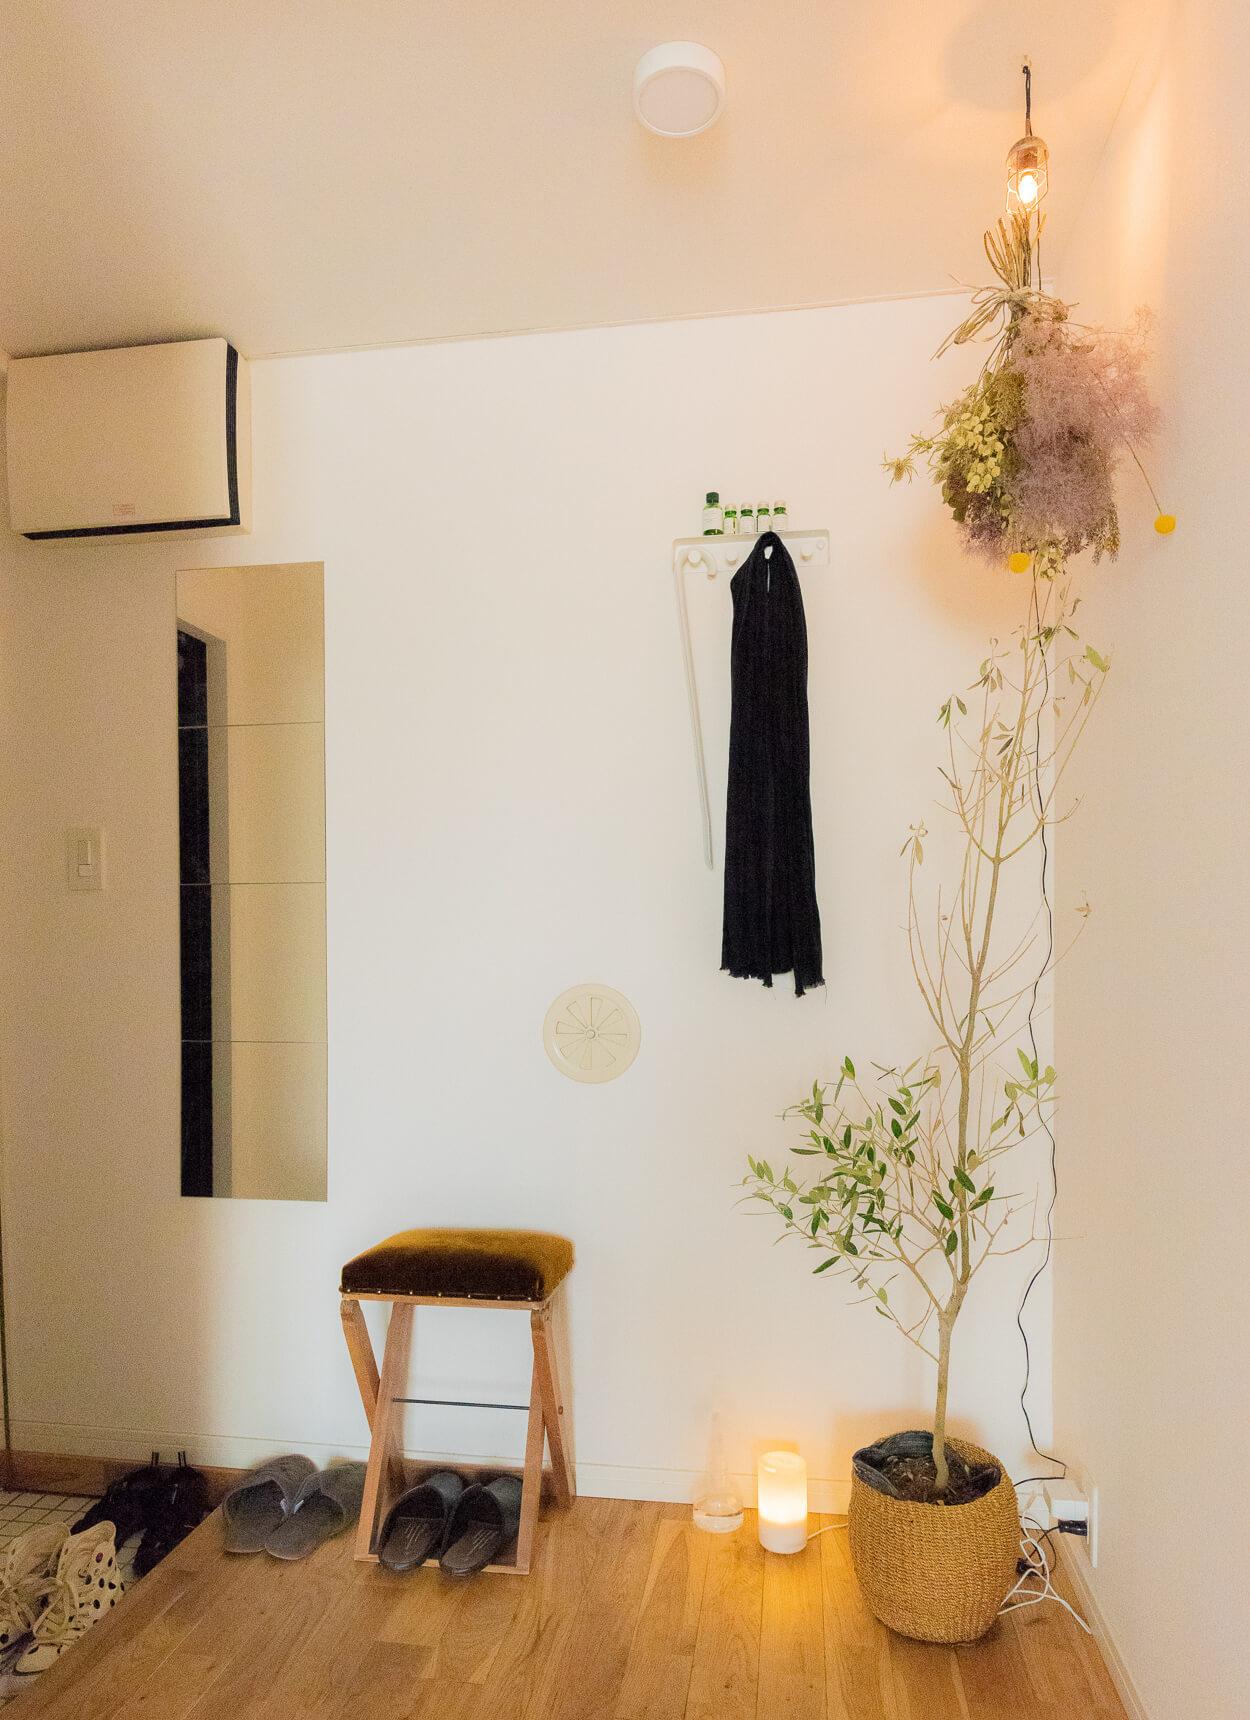 キッチンからぐるりと後ろを向いて玄関方向を見る。グリーンと照明、そしてかわいらしいスツール。